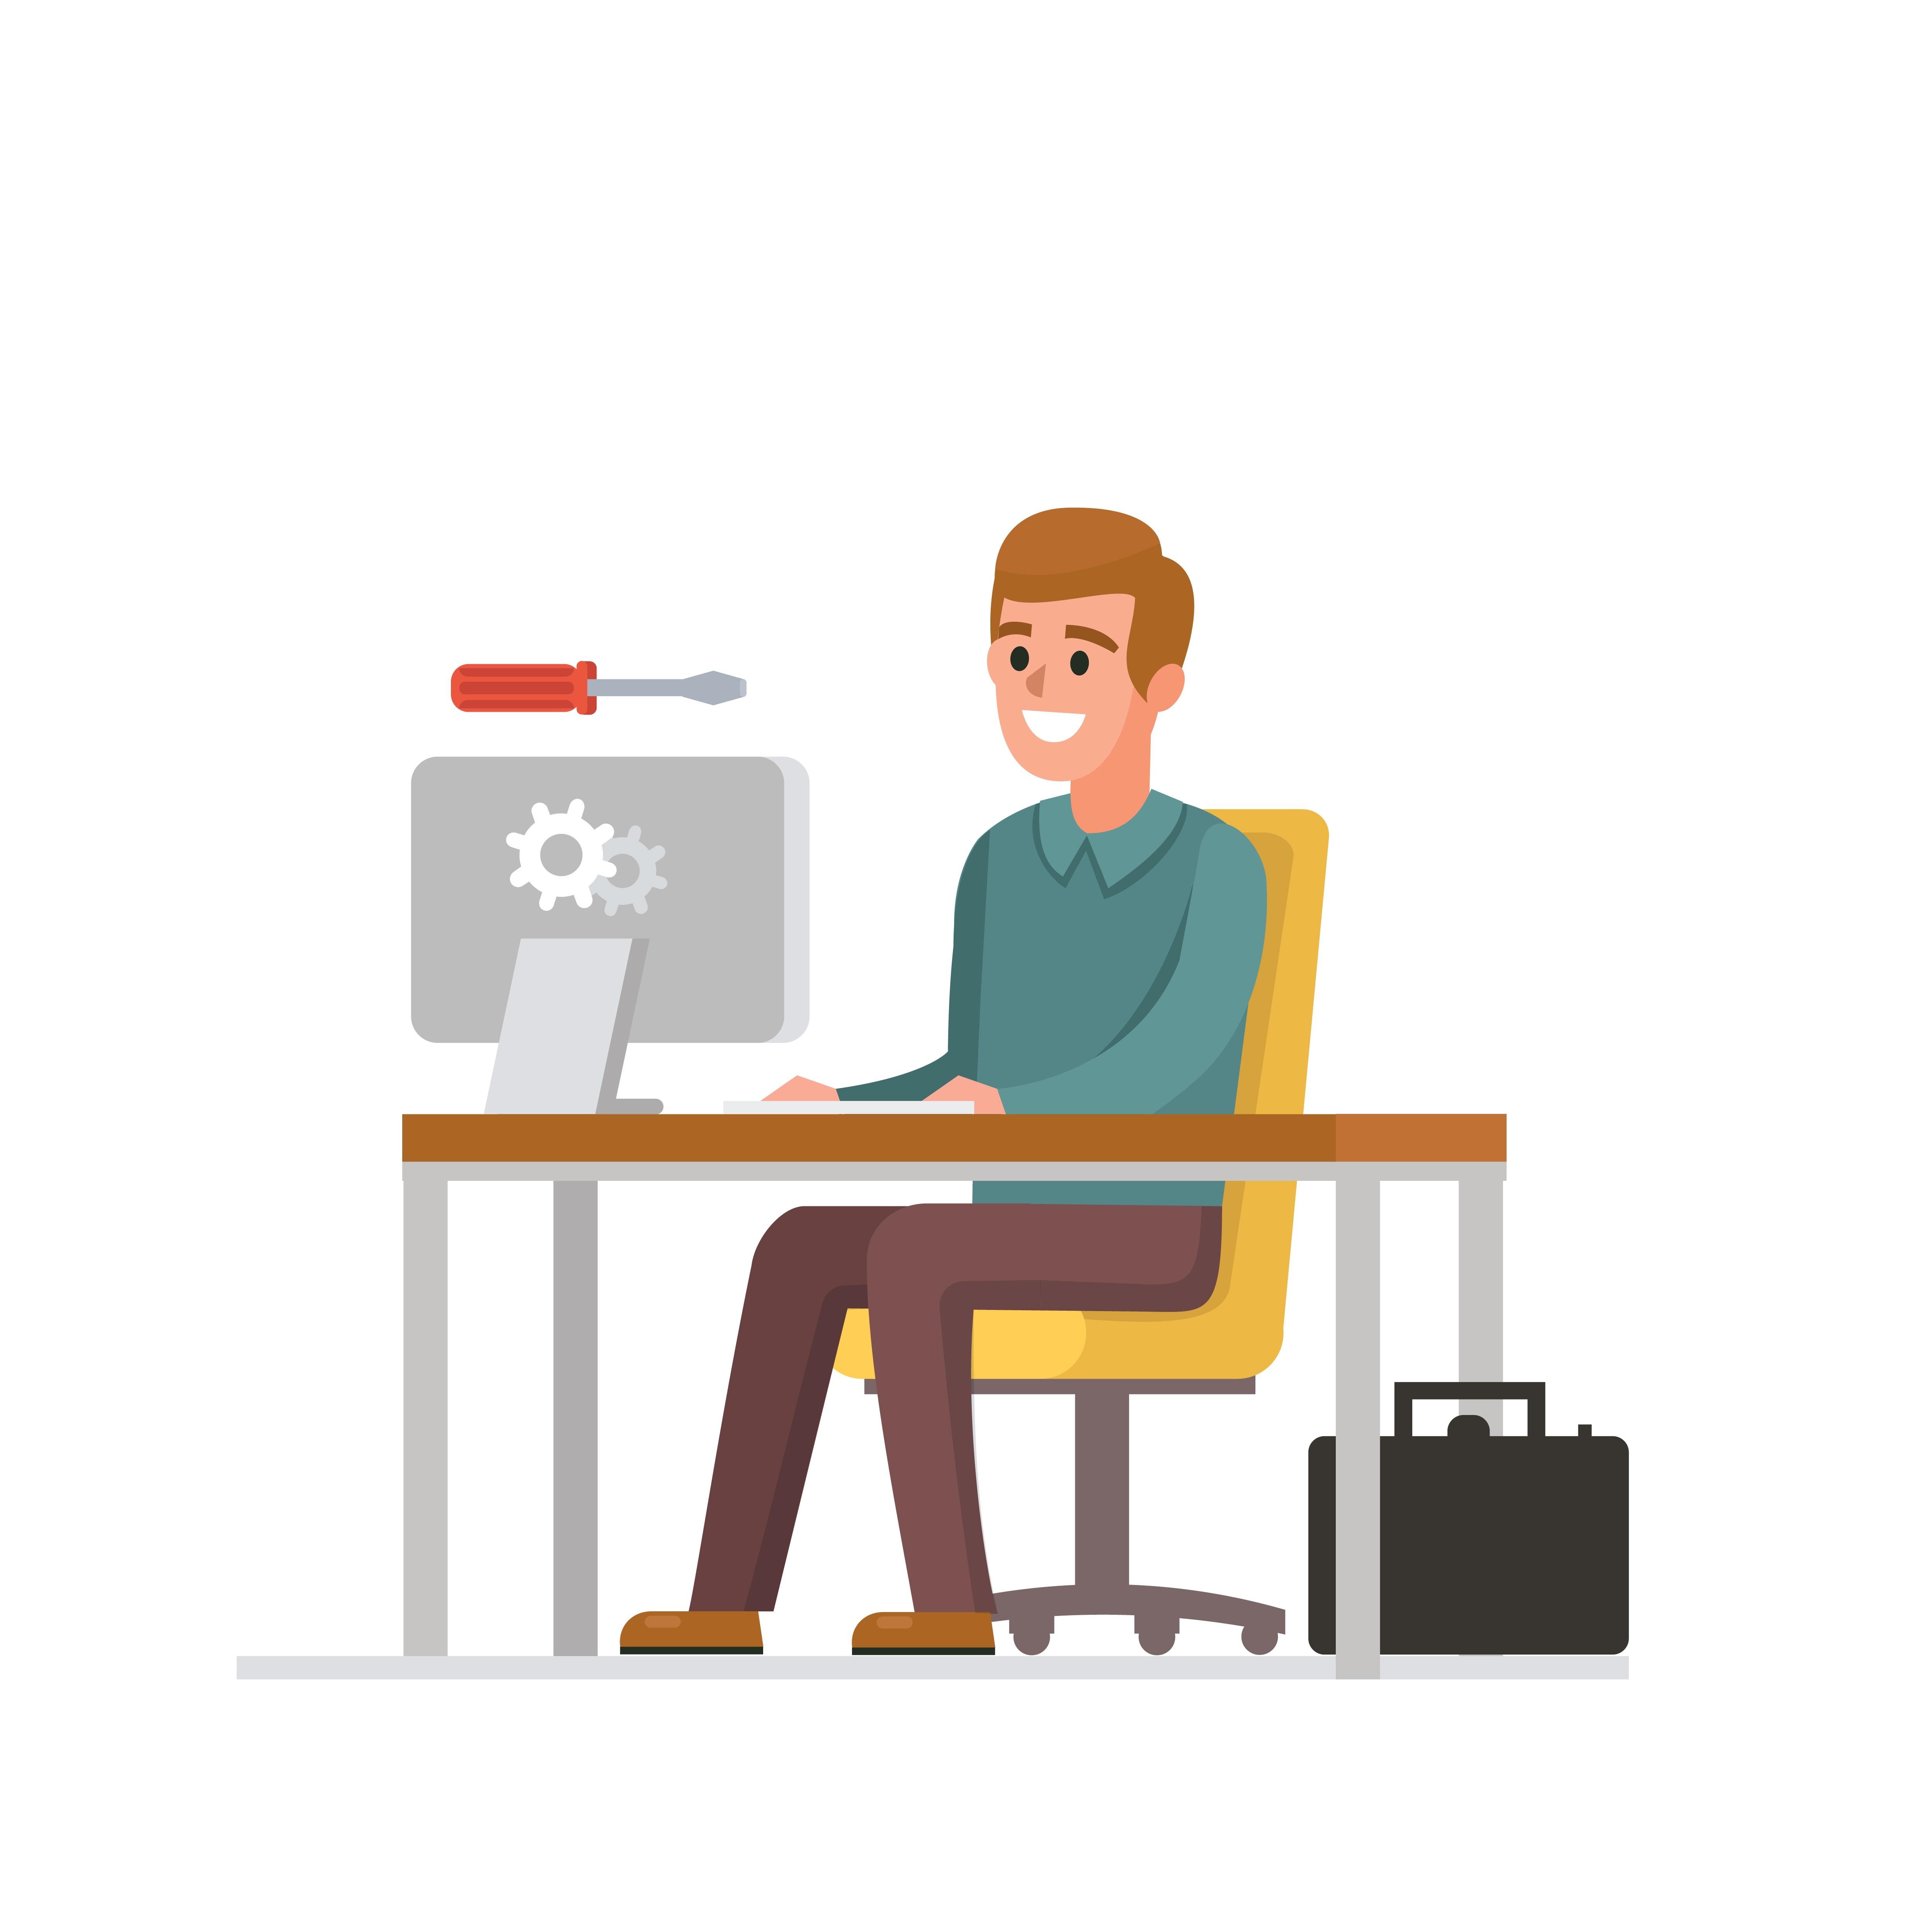 IT-Service-Technician.jpg